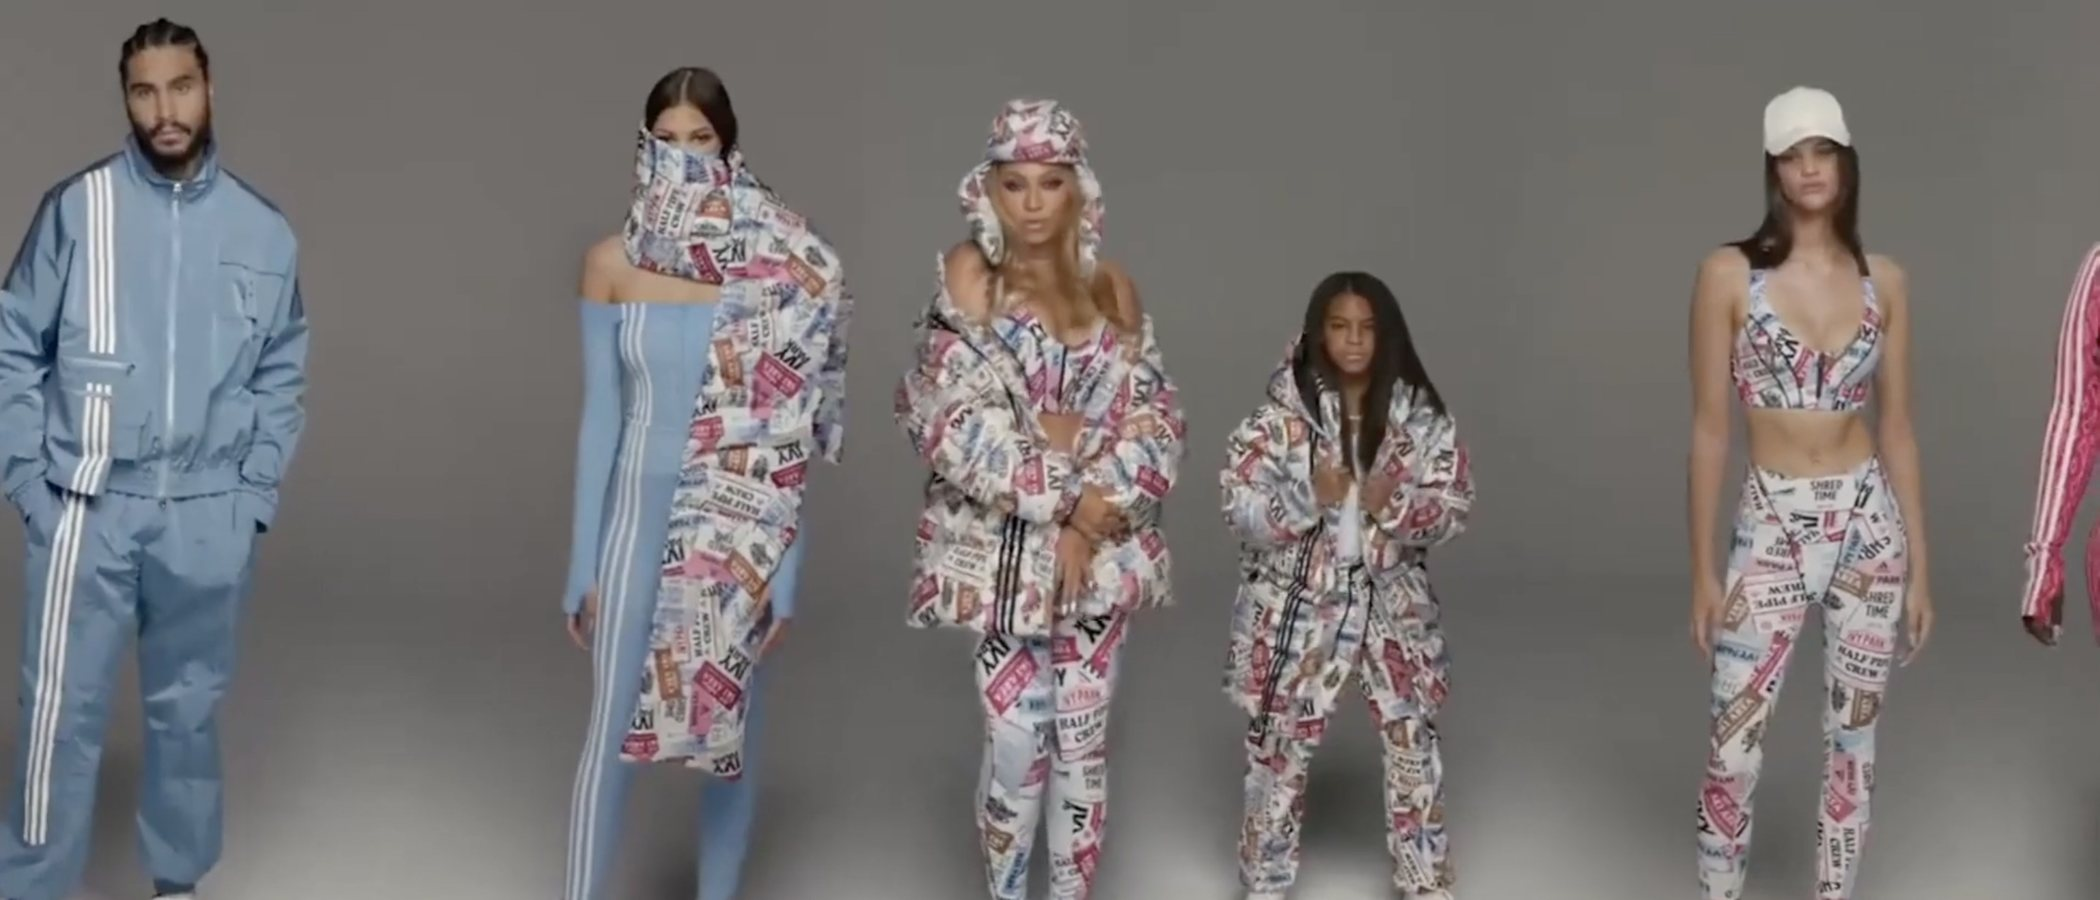 Blue Ivy Carter, hija de Beyoncé, debuta como modelo en la última campaña de Ivy Park x Adidas